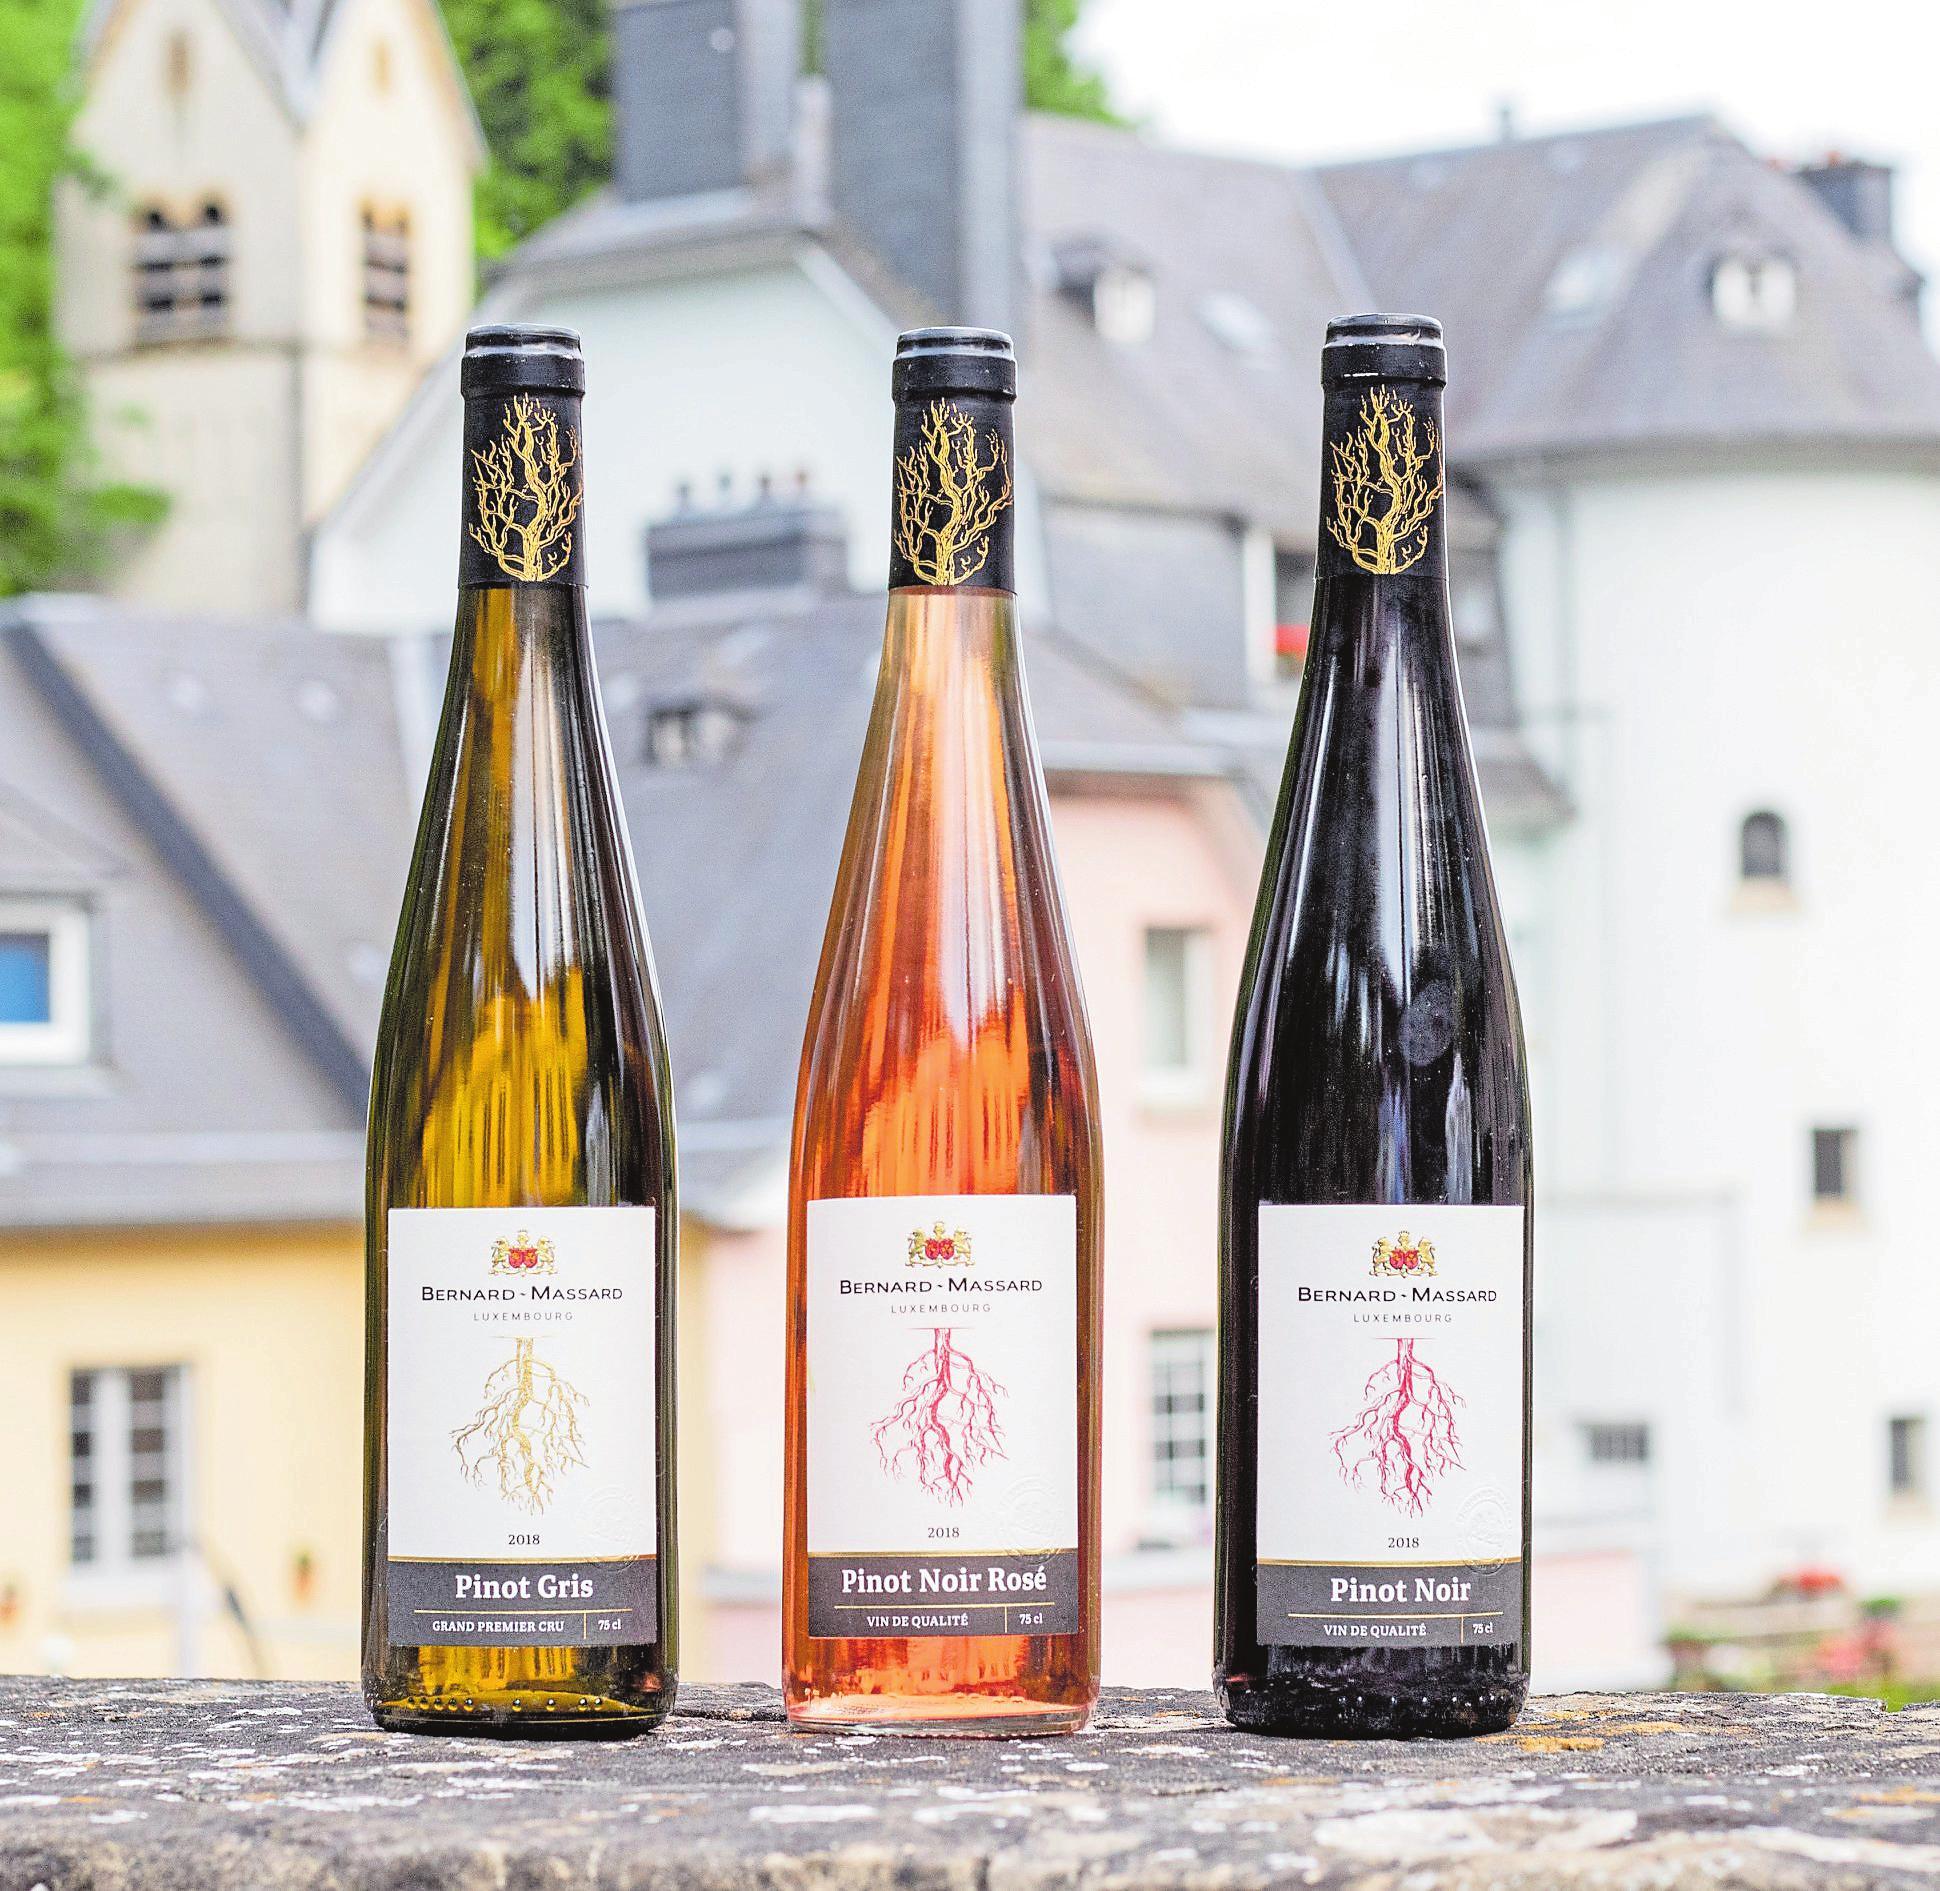 Les vins de Bernard-Massard dans leur nouvel habillage.